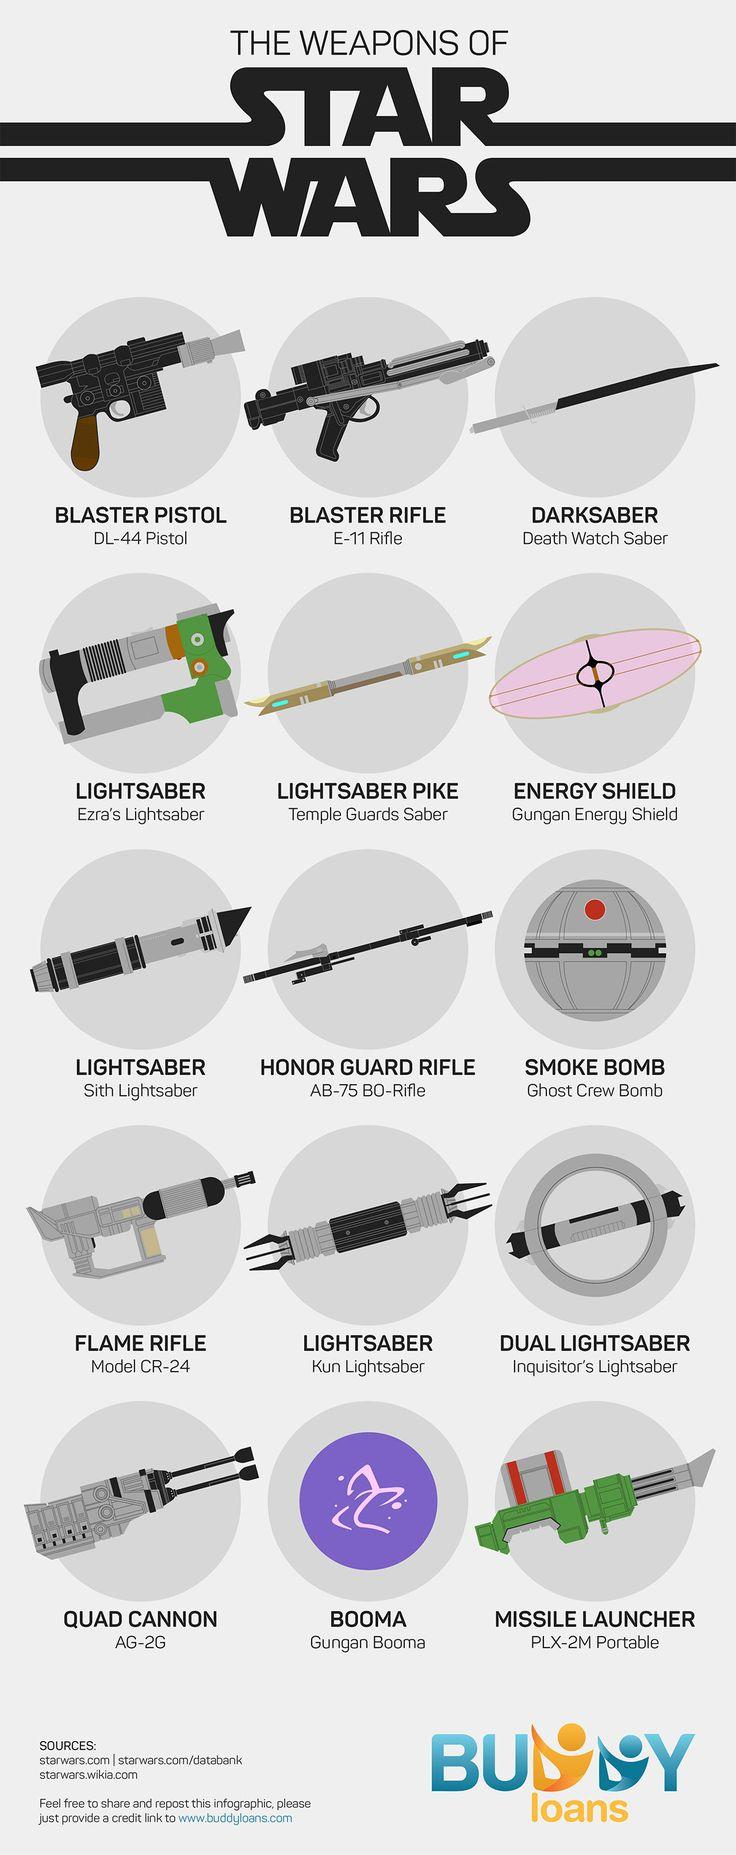 las armas de Star Wars